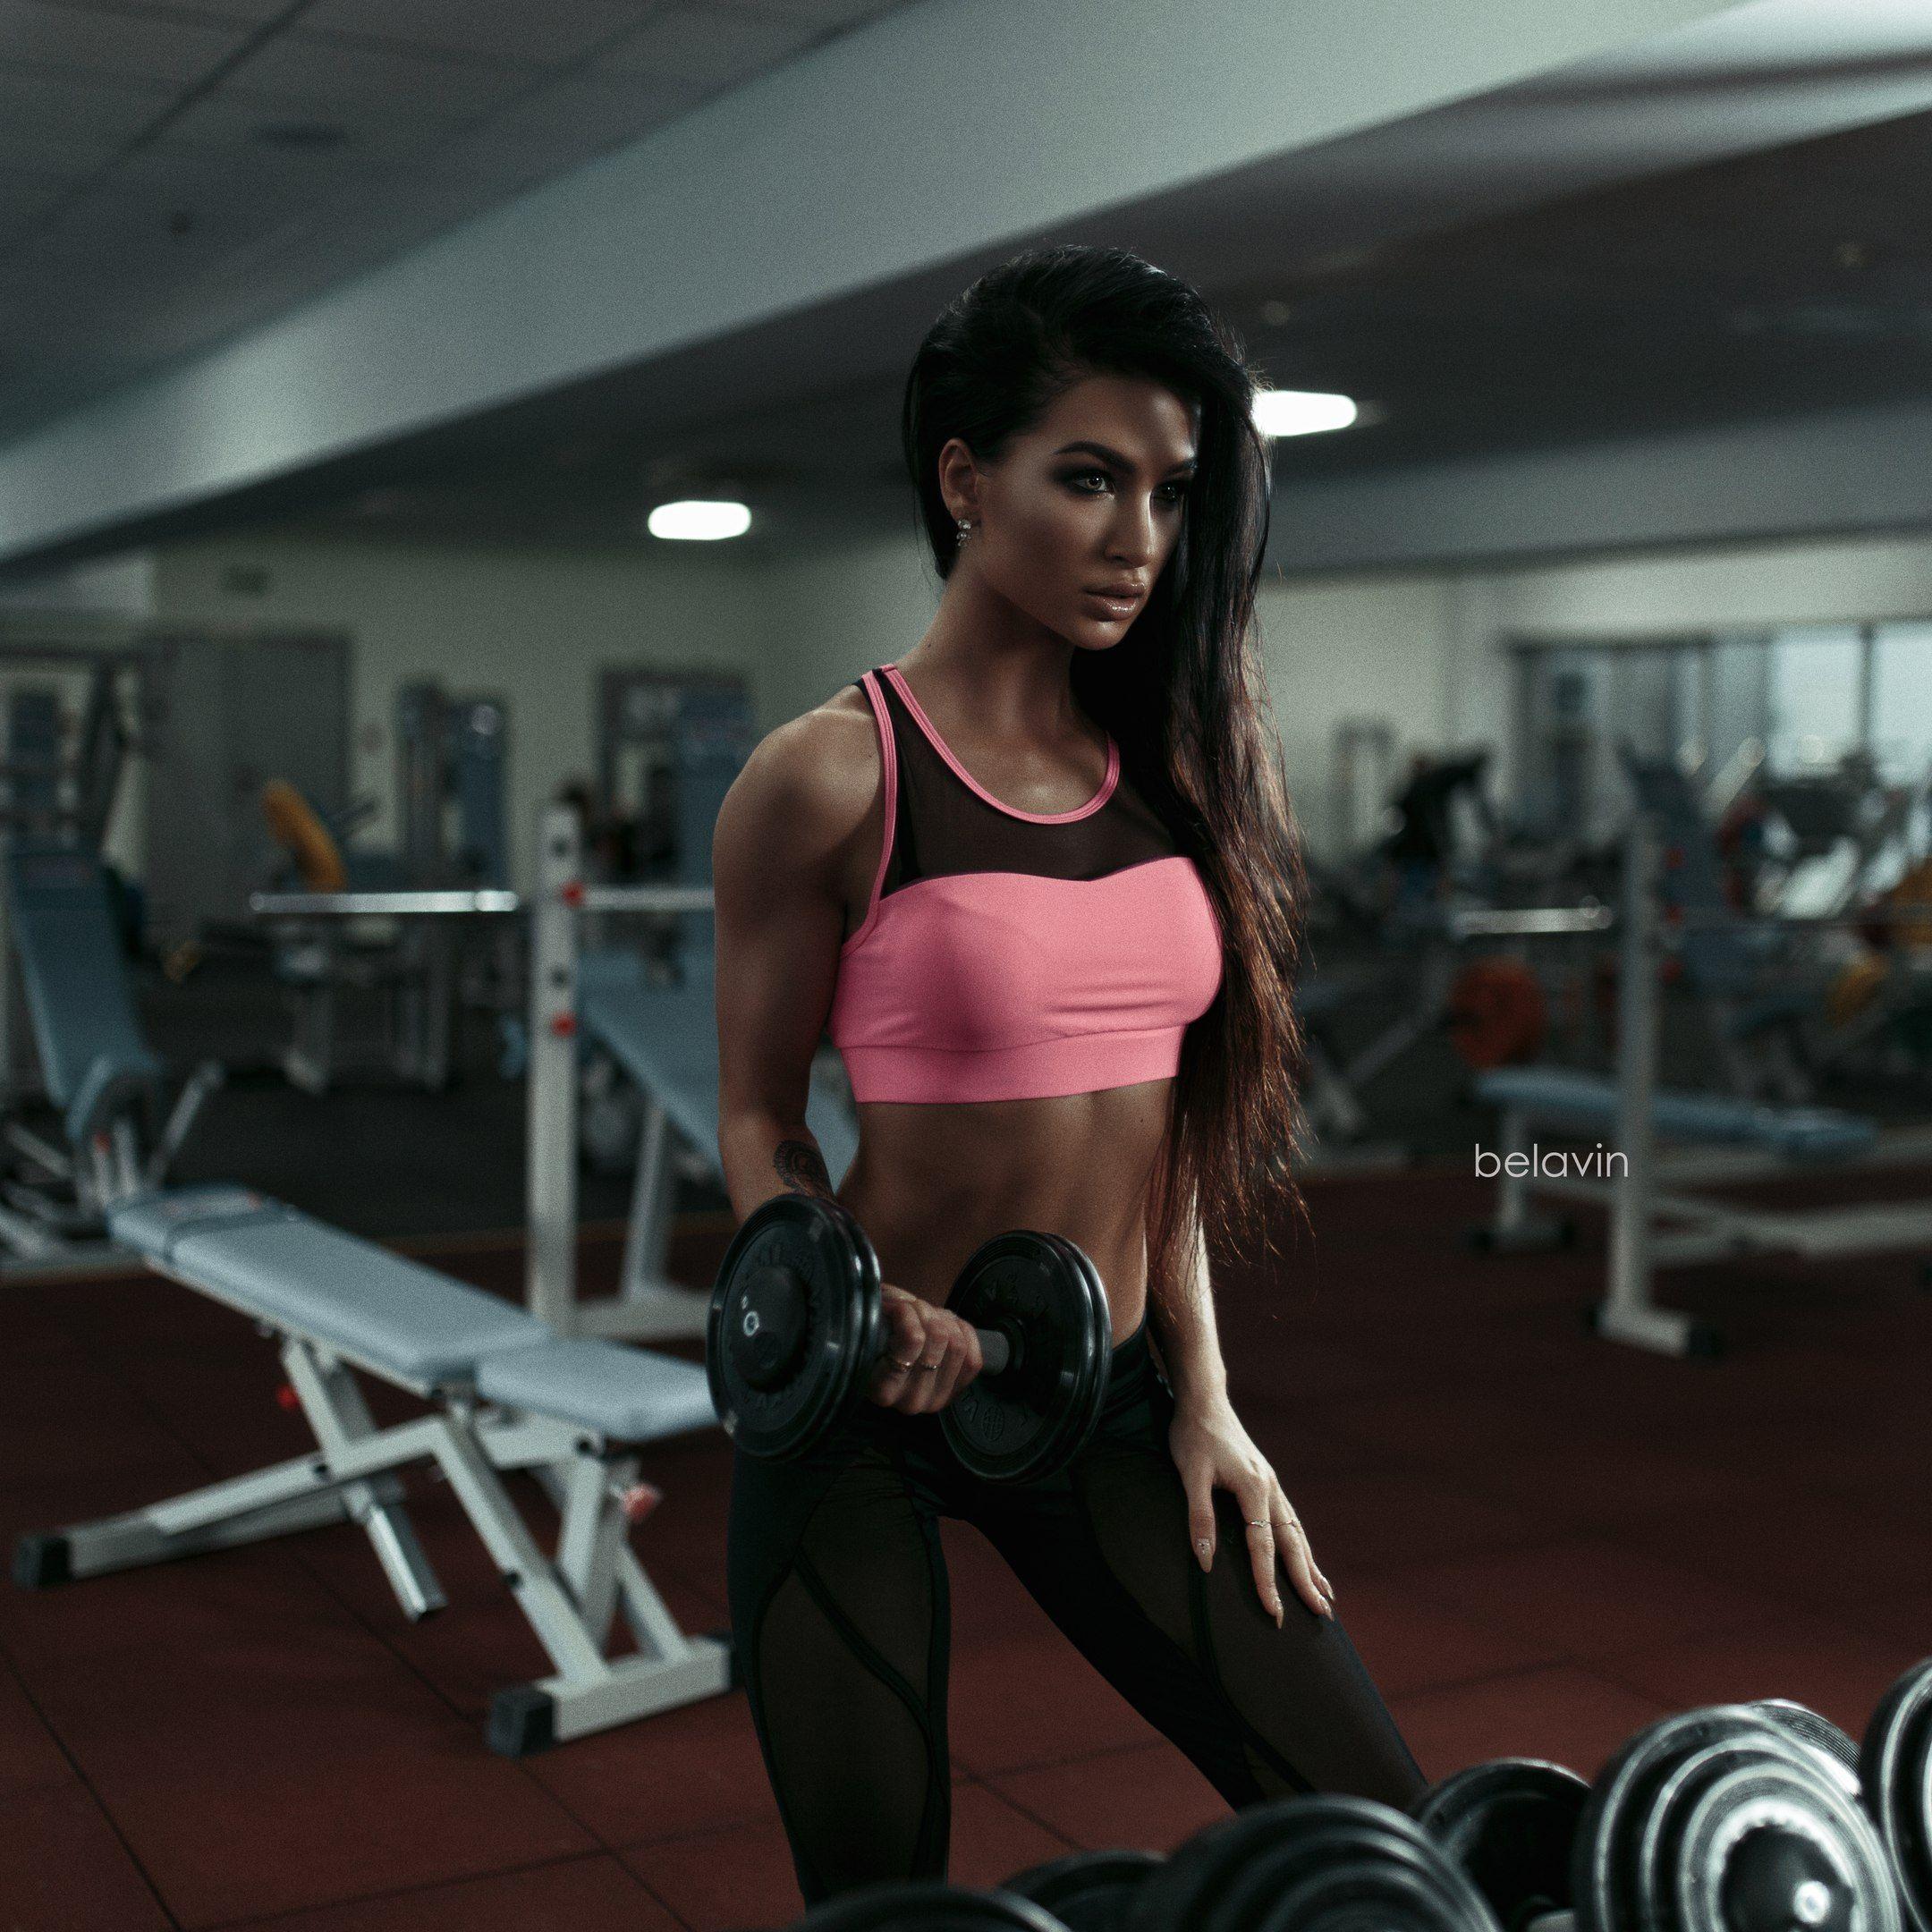 Muscle women vk-2714